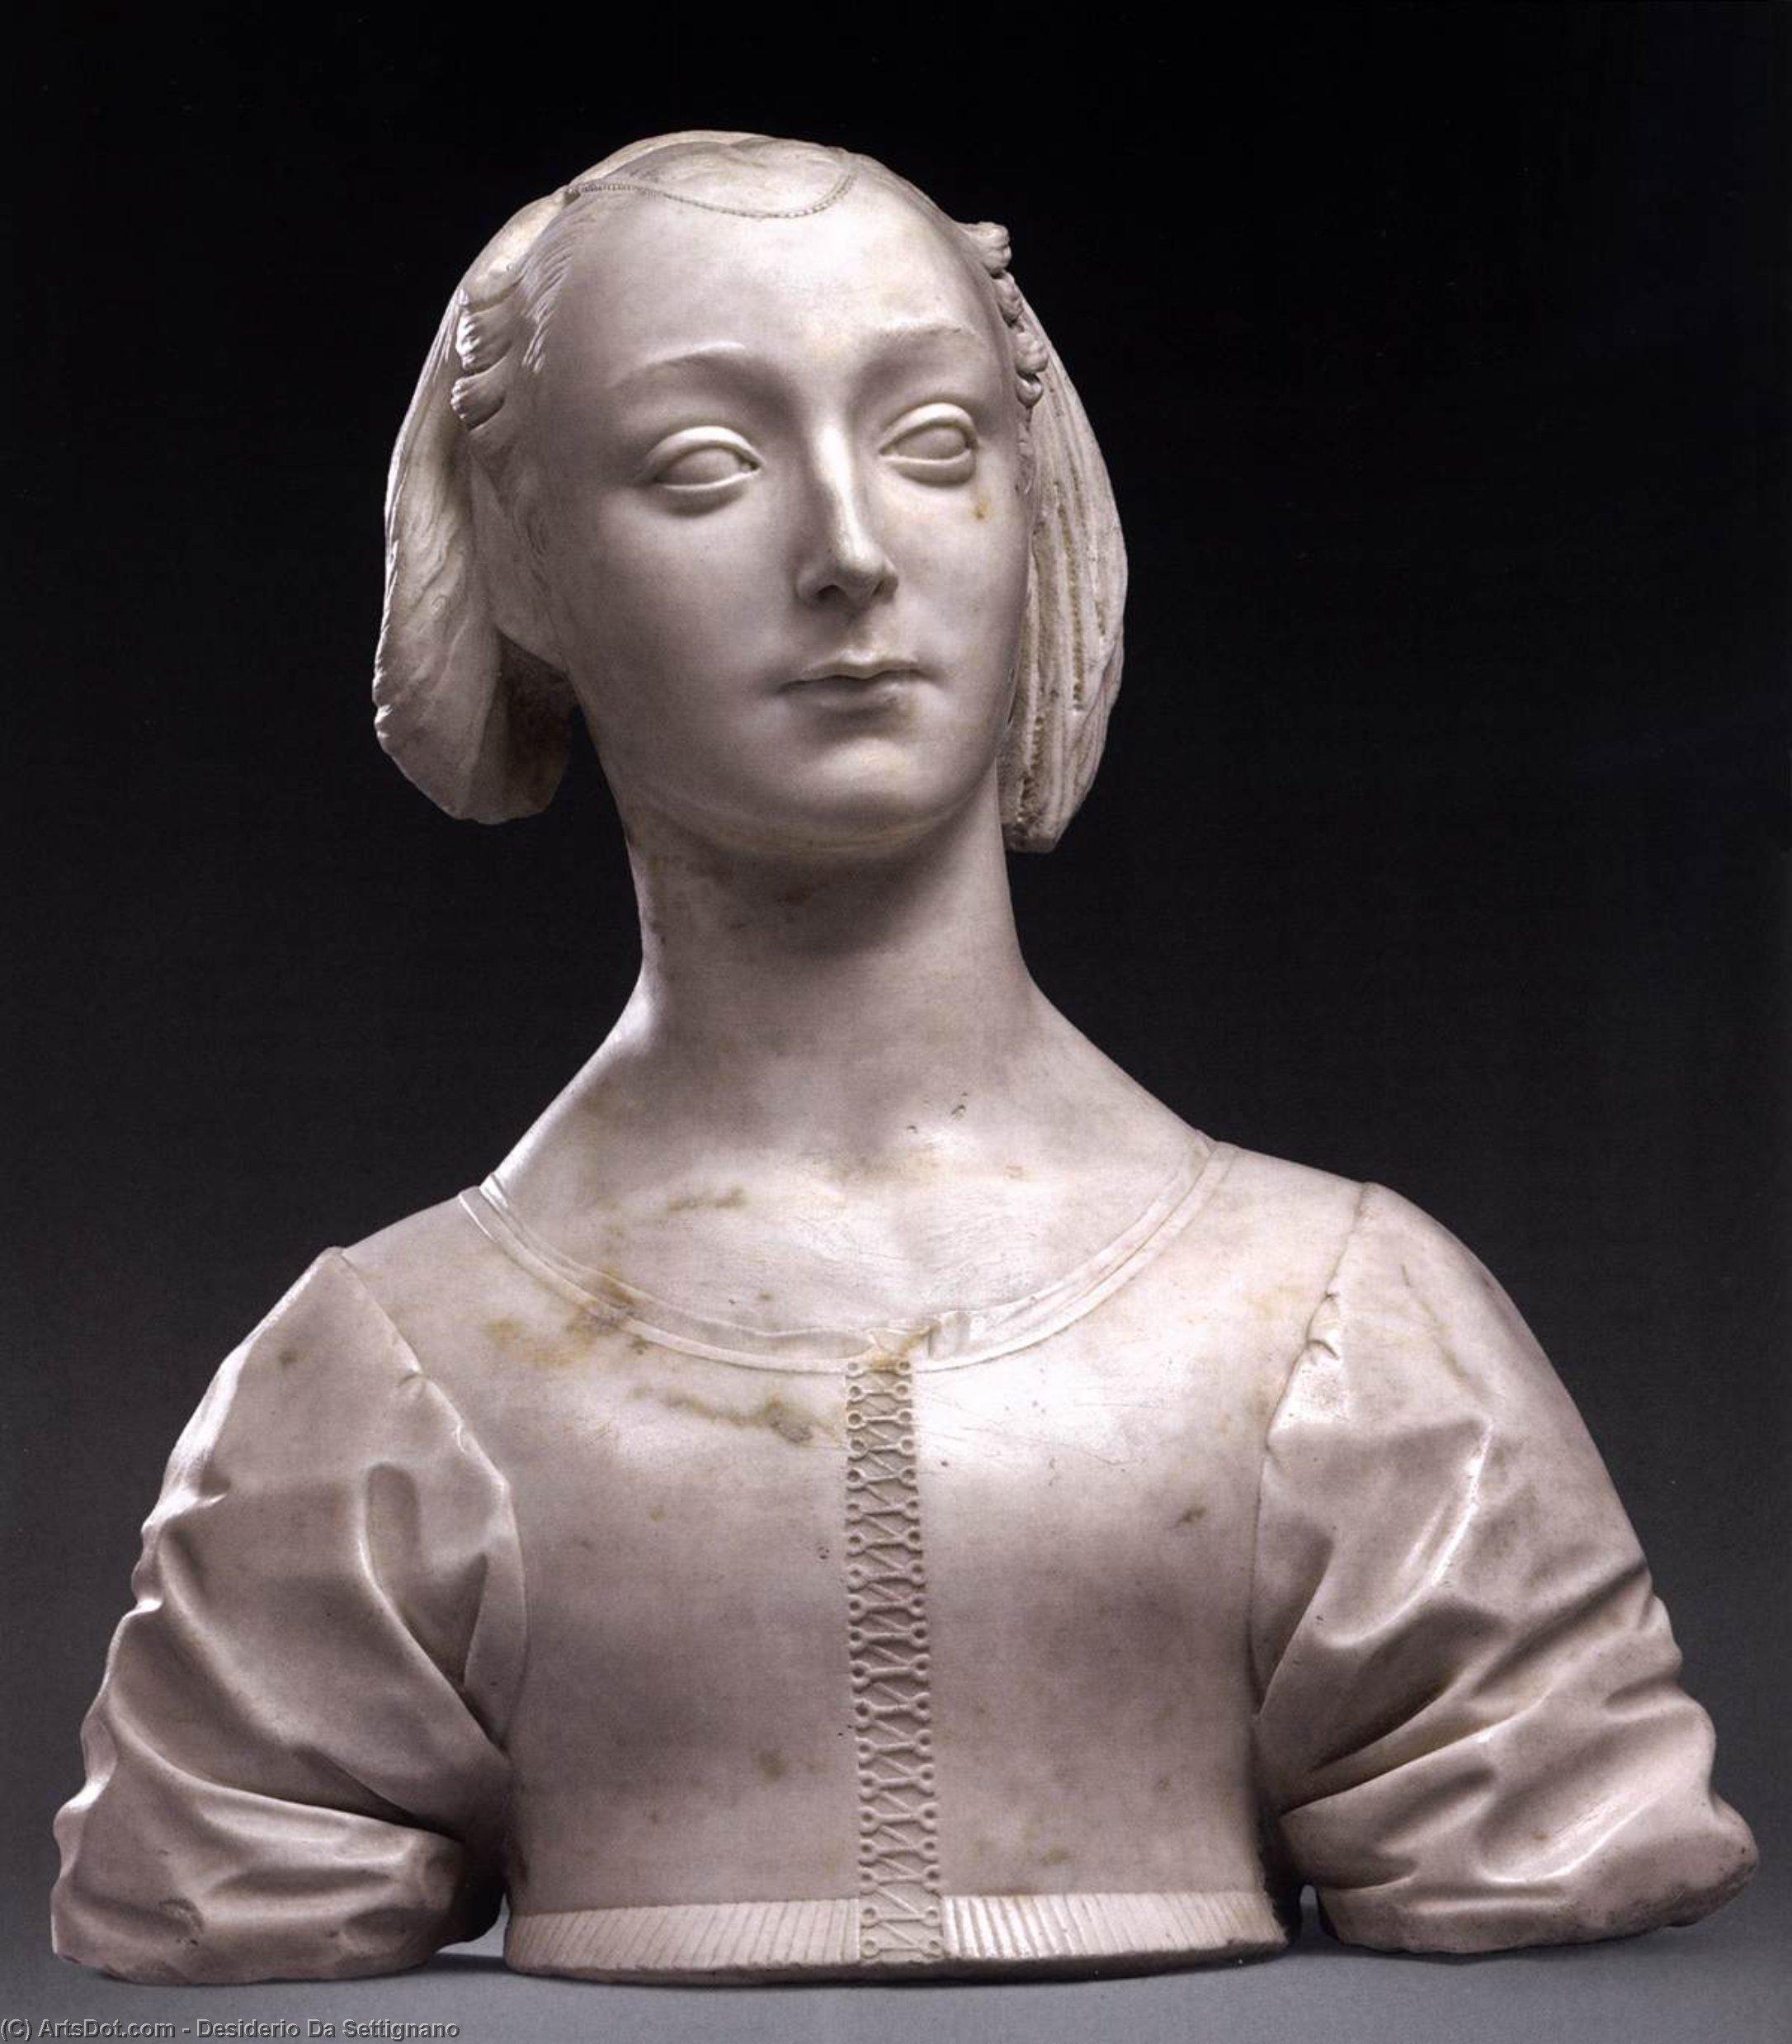 Wikioo.org - The Encyclopedia of Fine Arts - Painting, Artwork by Desiderio Da Settignano - Portrait of Marietta Strozzi